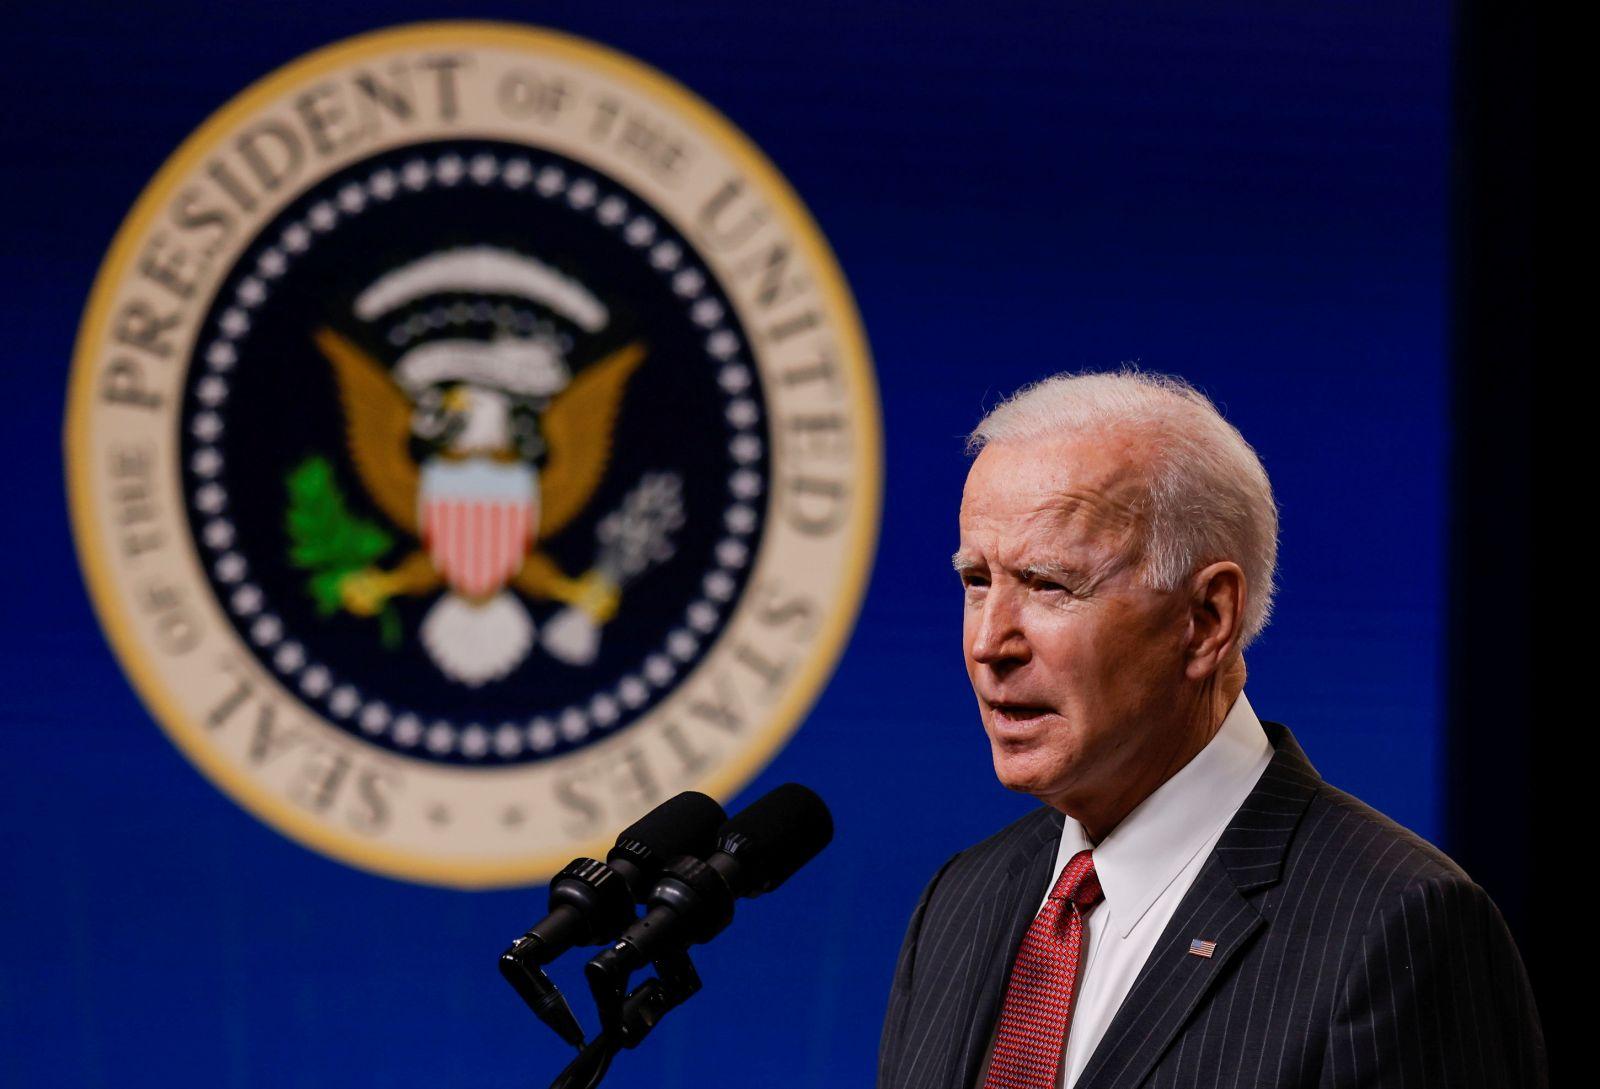 Presiden Amerika Serikat, Joe Biden, memberikan pesan tegas dalam teleponnya dengan Presiden China, Xi Jinping. (foto: REUTERS/Carlos Barria)